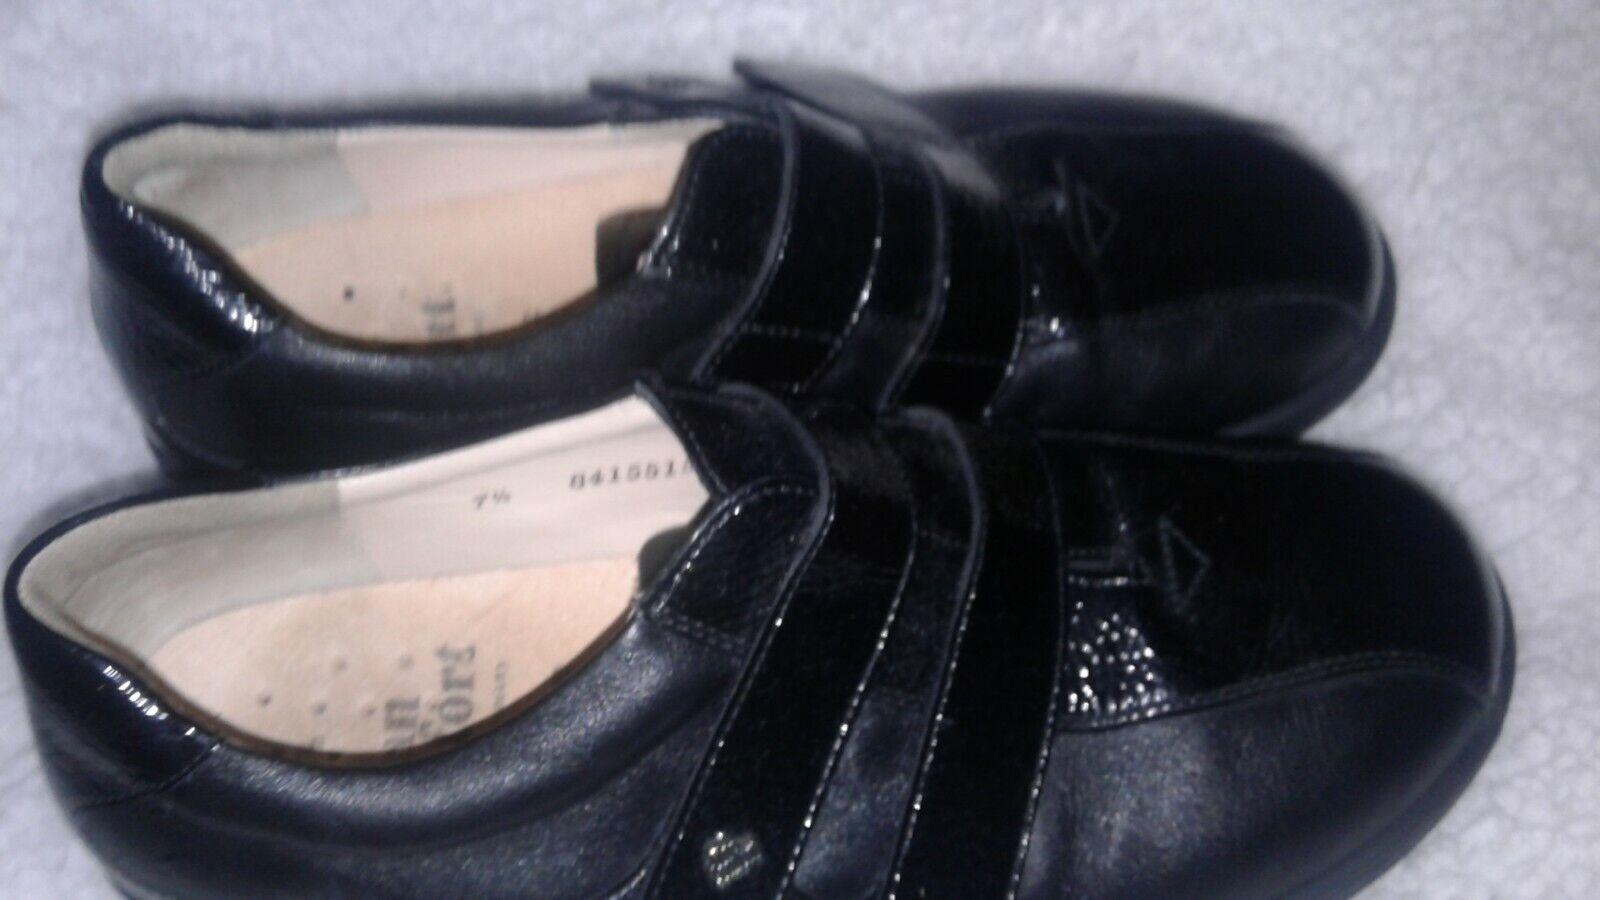 Finn Comfort Deckschuhe, schwarz, Größe ,75 (41) neuw.  | Bunt,  | Verschiedene  | Kostengünstiger